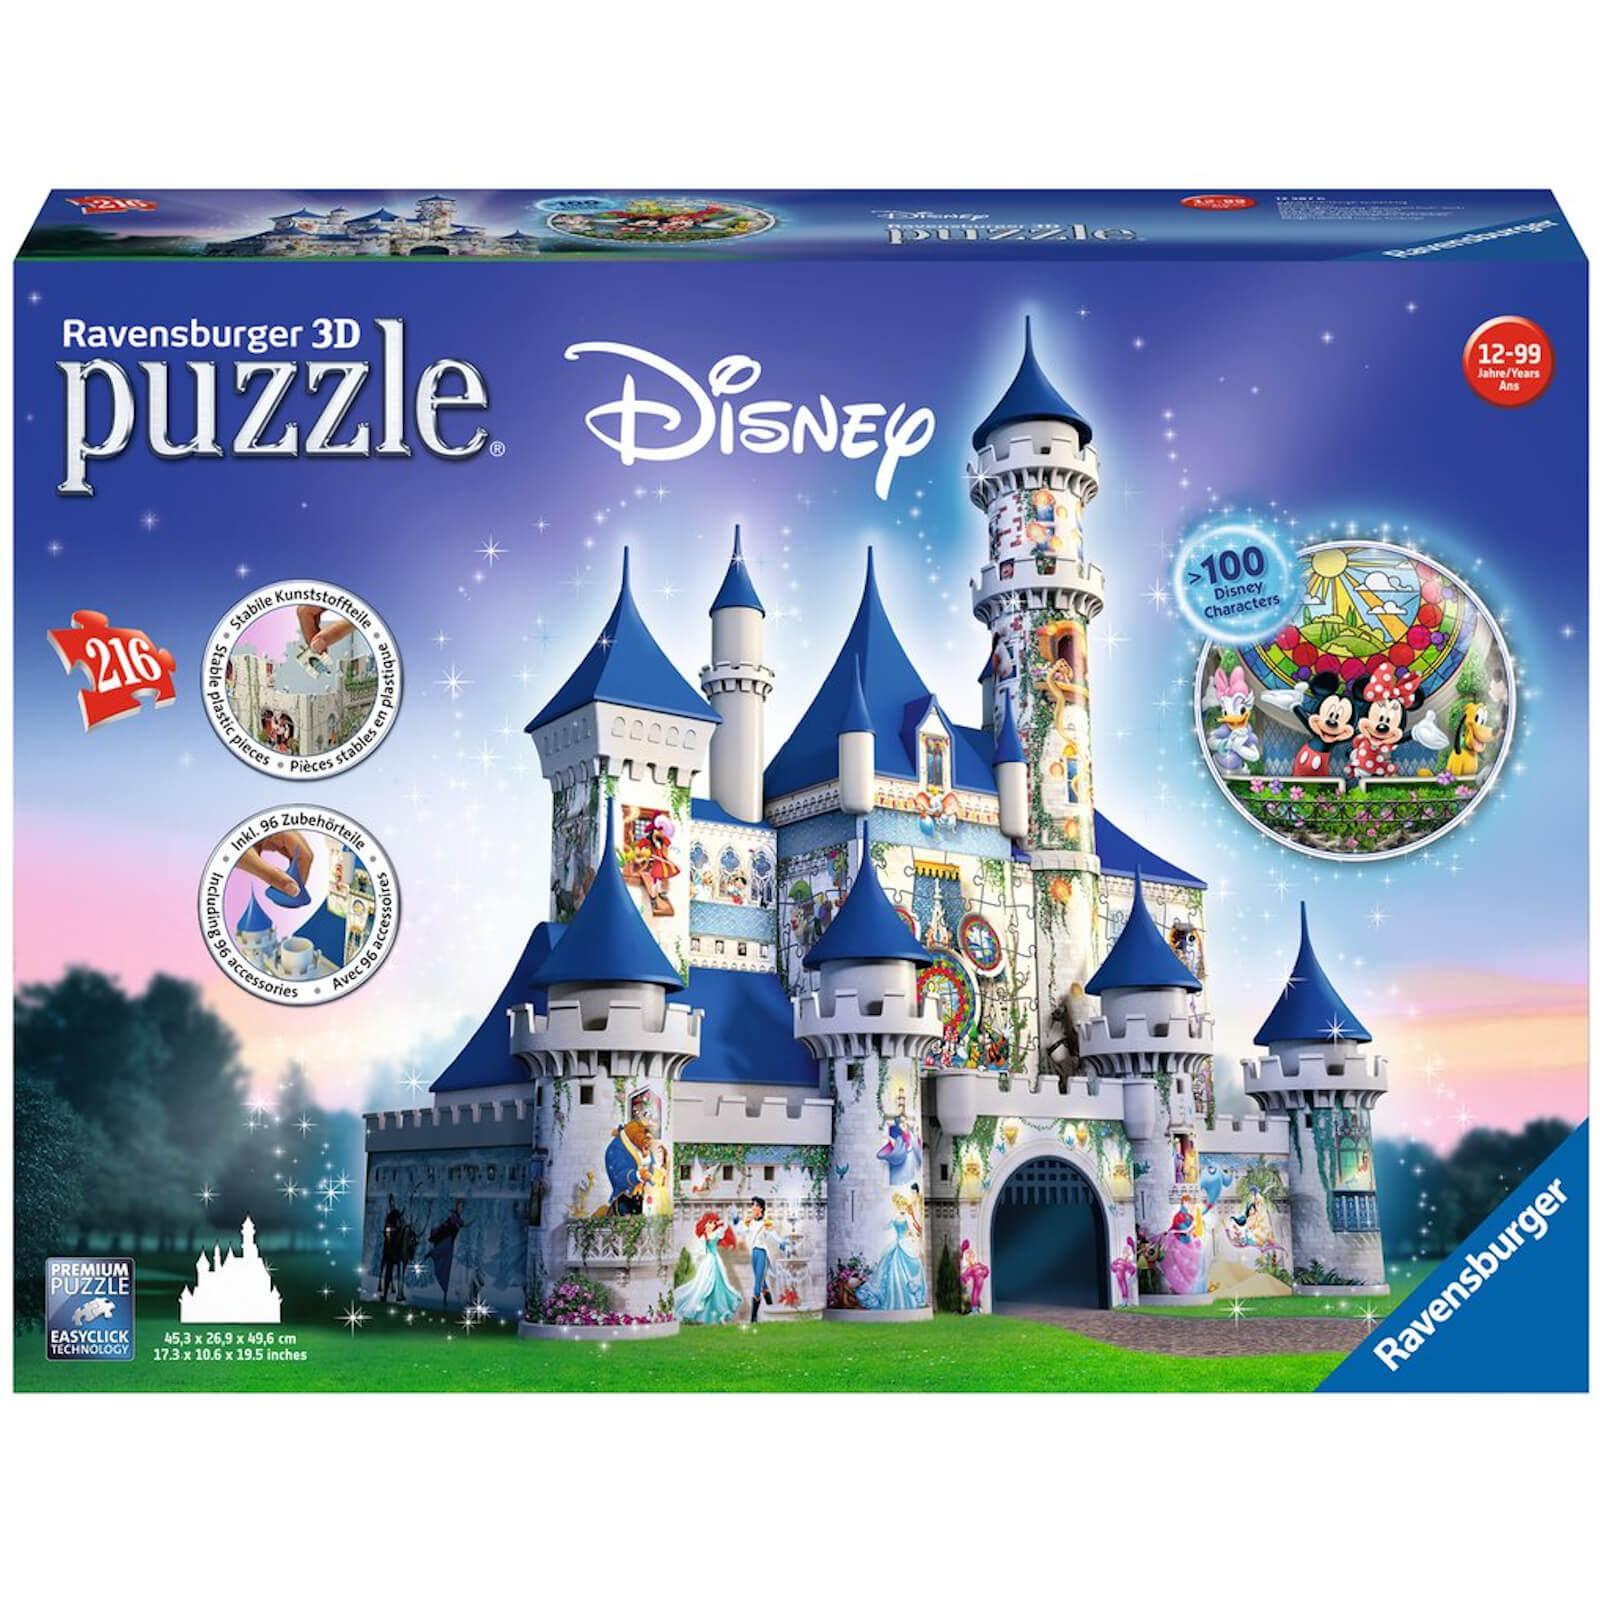 Image of Ravensburger Disney Castle 3D Jigsaw Puzzle (216 Pieces)